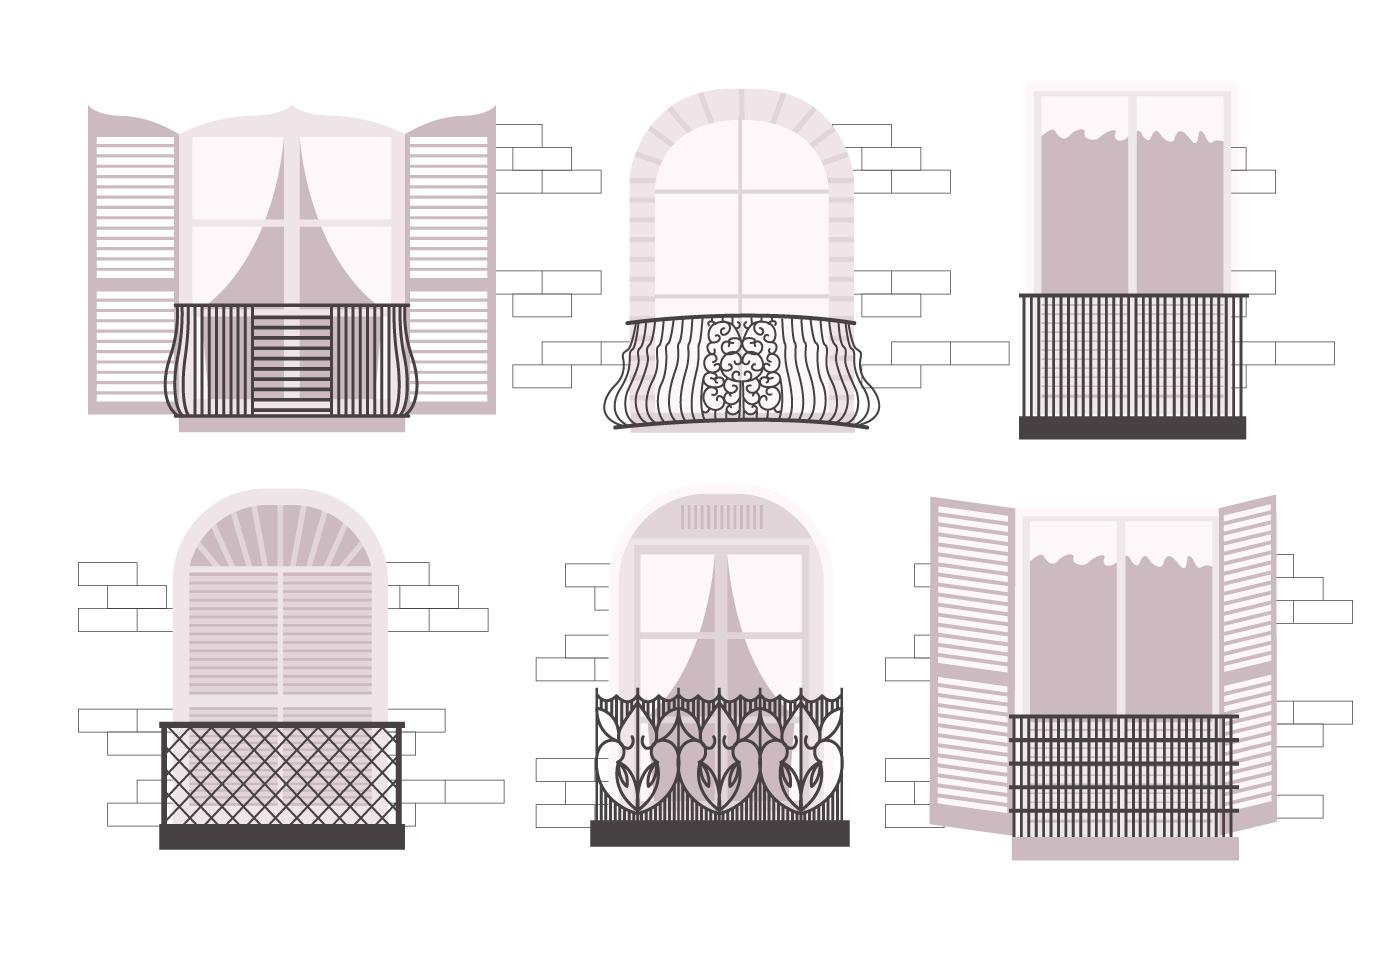 Balcony vectors download free vector art stock graphics for Balcony vector